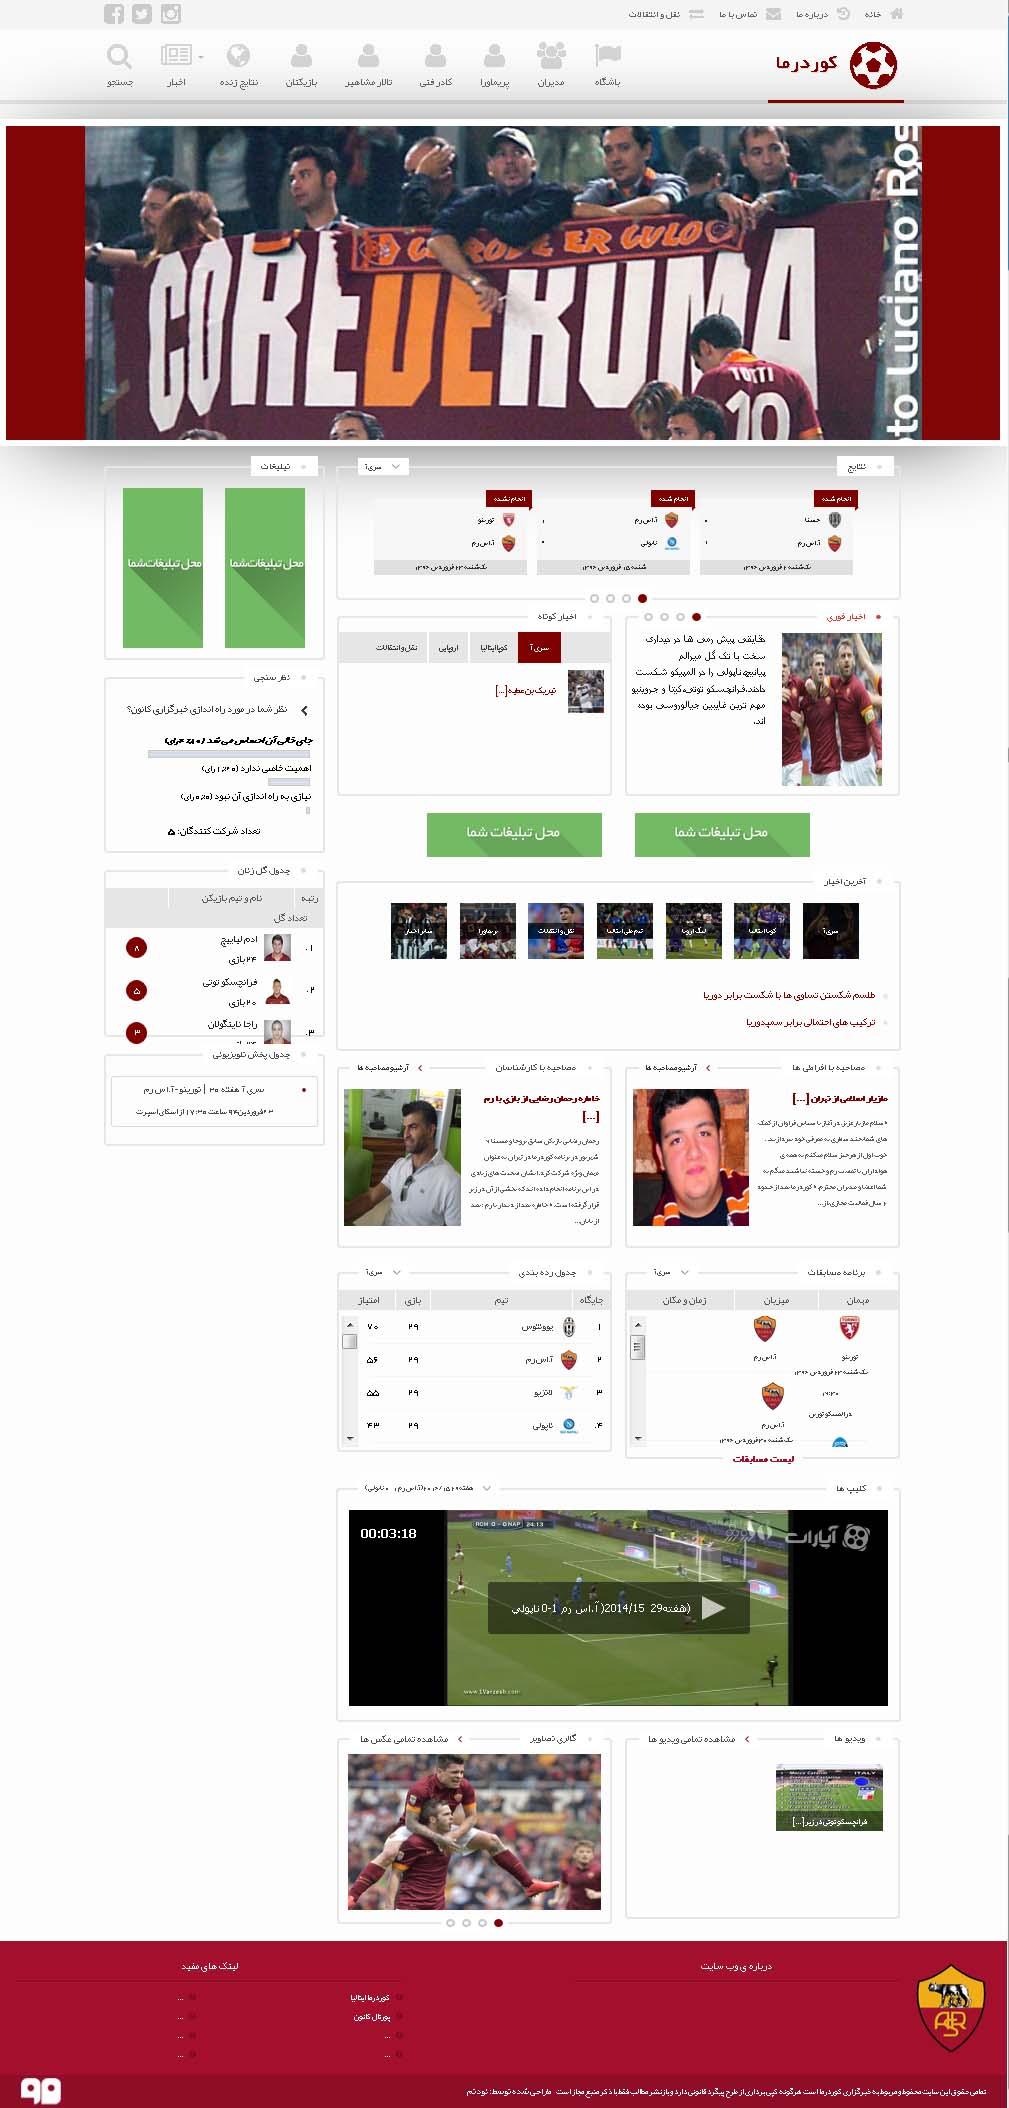 طراحی سایت خبرگزاری کوردرما